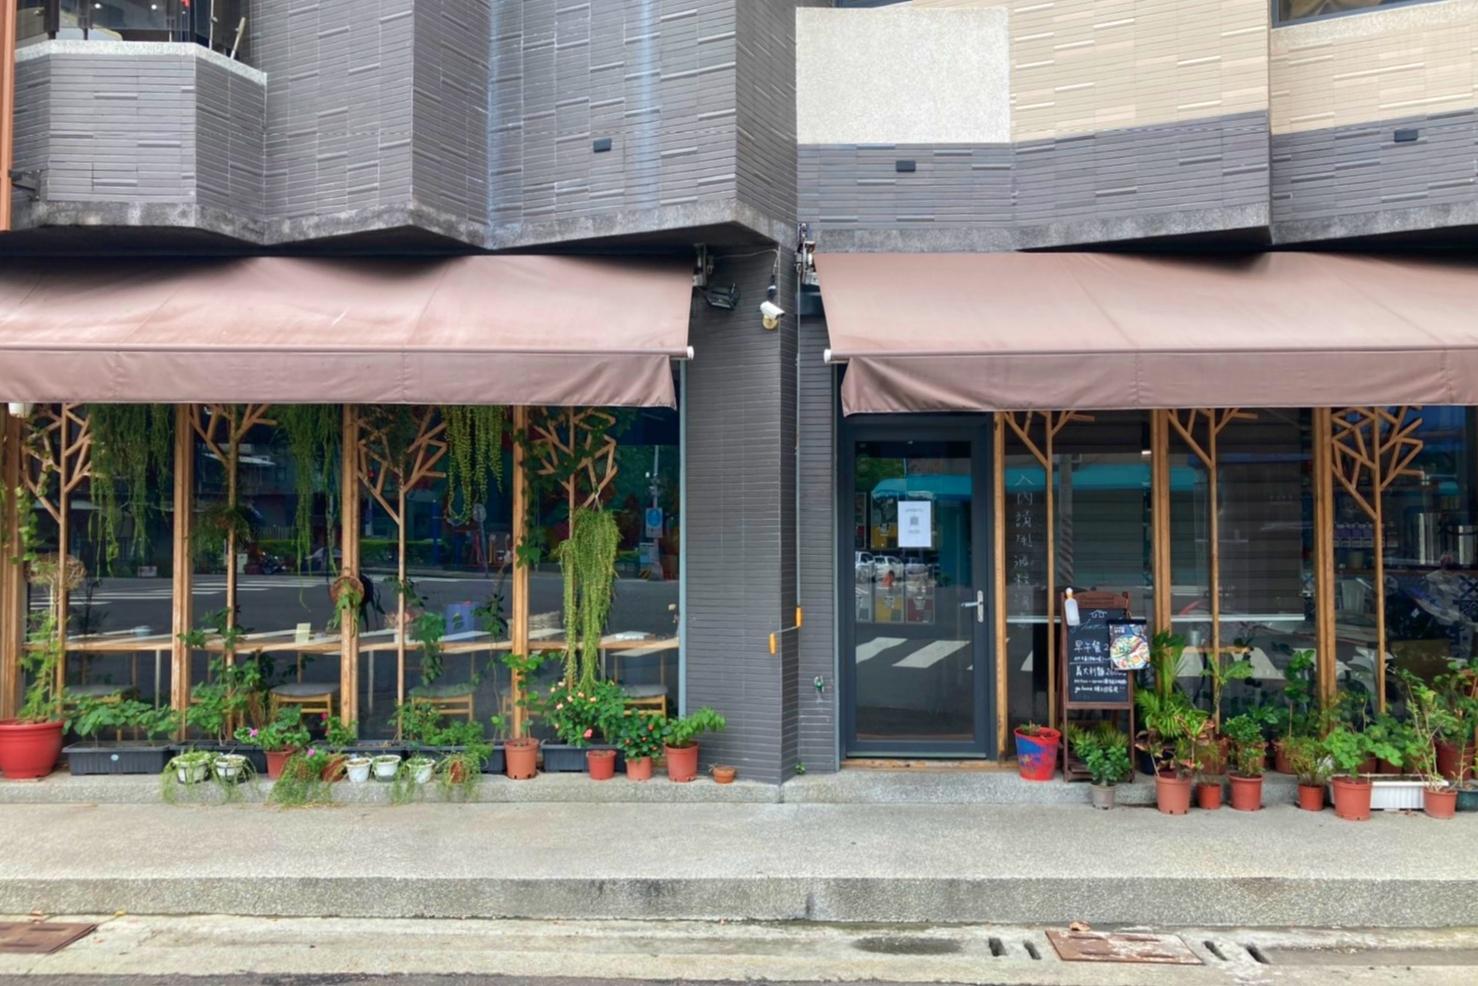 【台中西區】Go Home食研室外帶餐點:被早午餐耽誤的義大利麵店,滿$400元就有外送服務 @飛天璇的口袋